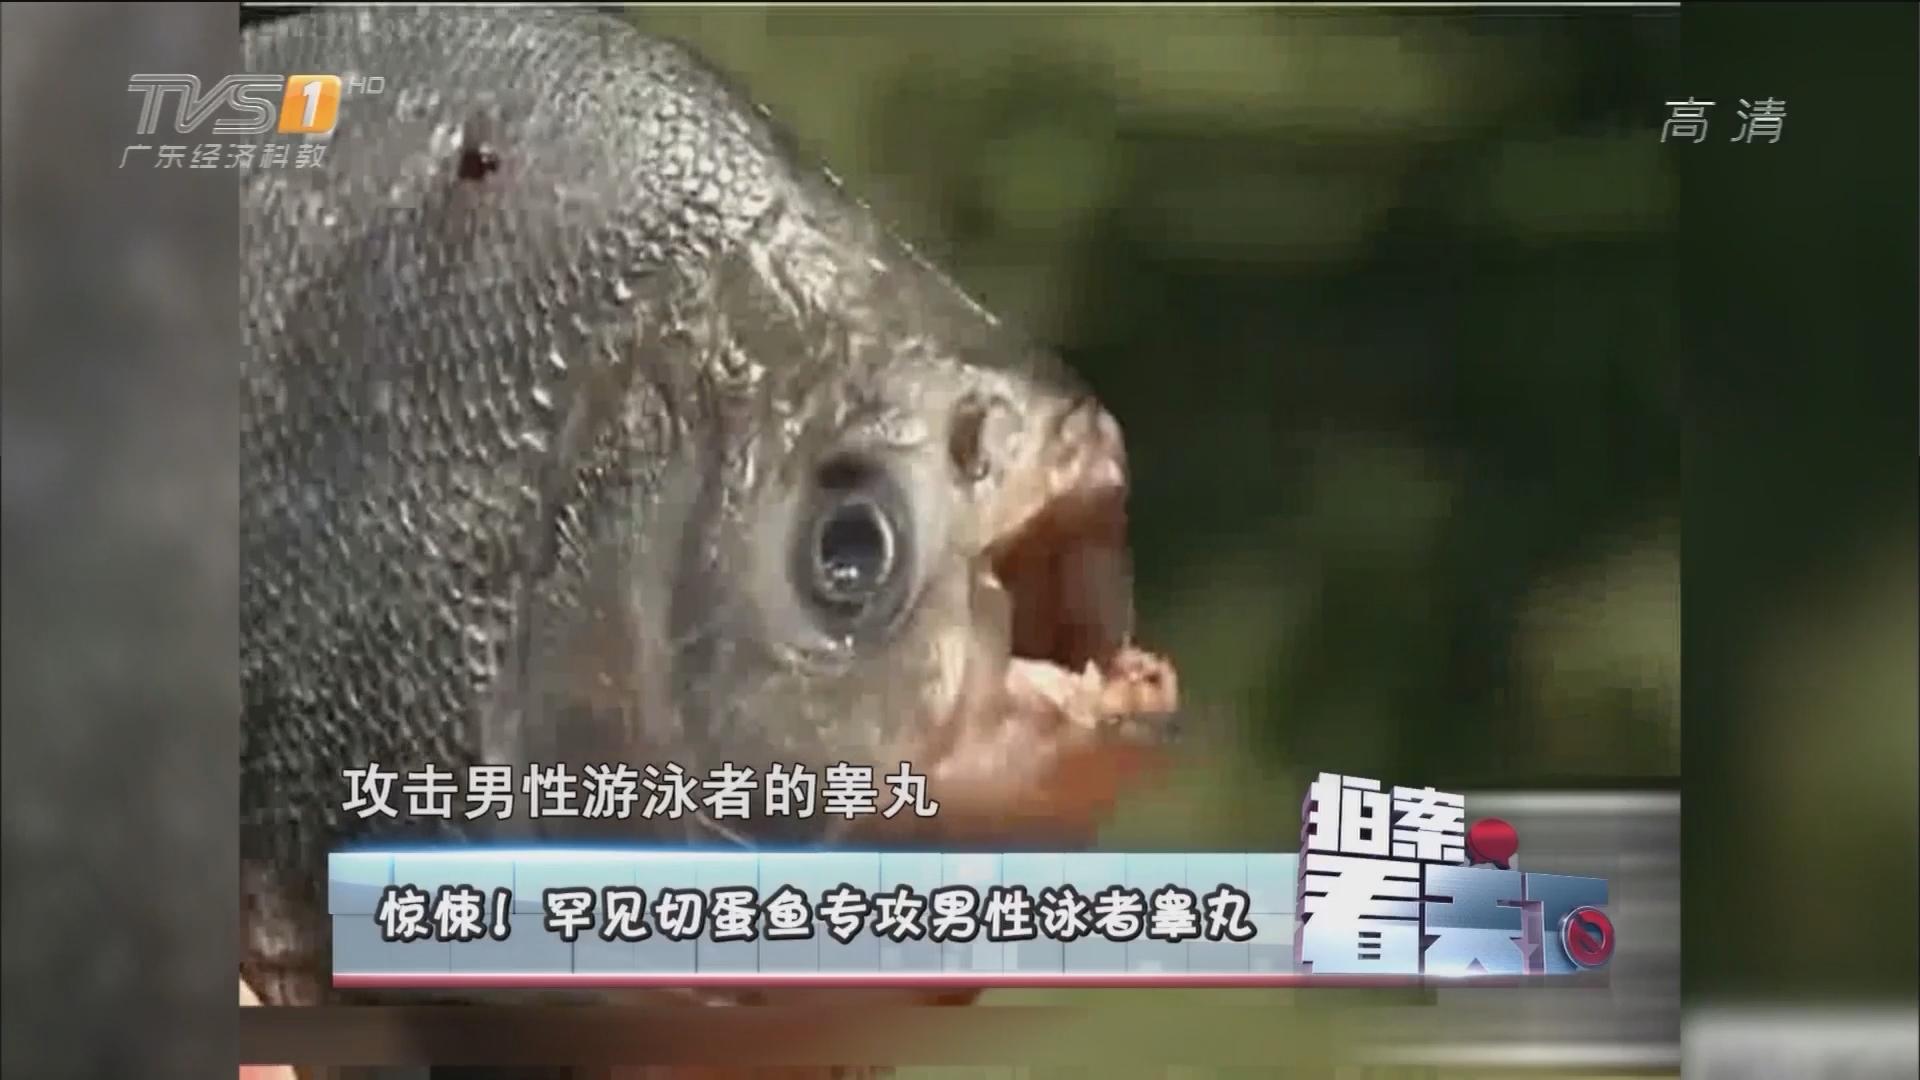 惊悚!罕见切蛋鱼专攻男性泳者睾丸